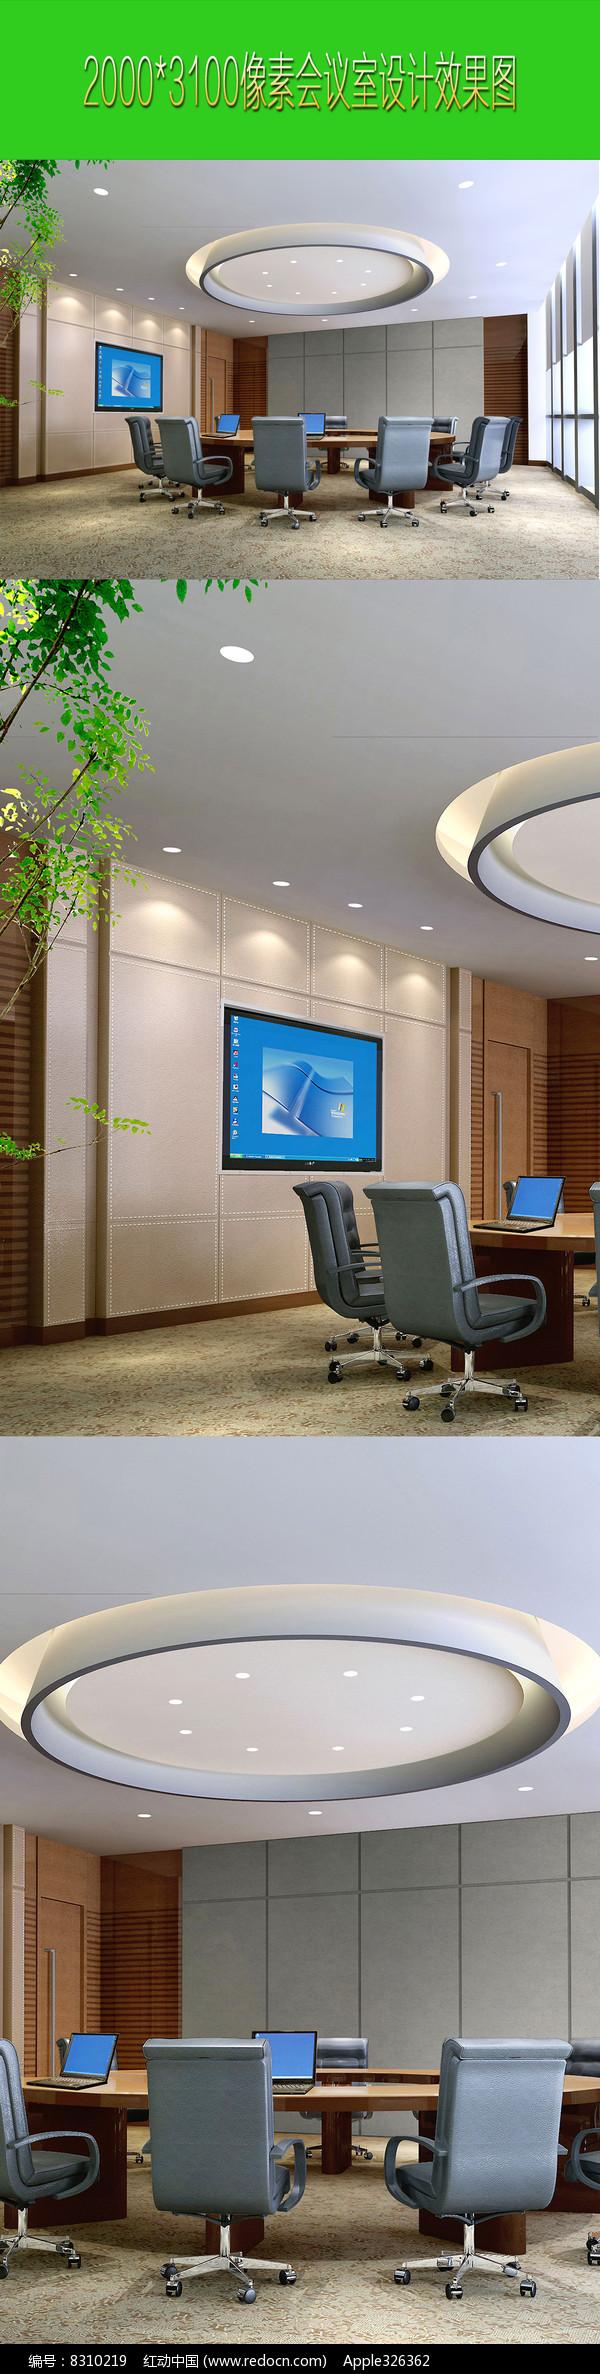 圆桌会议室设计效果图下载图片